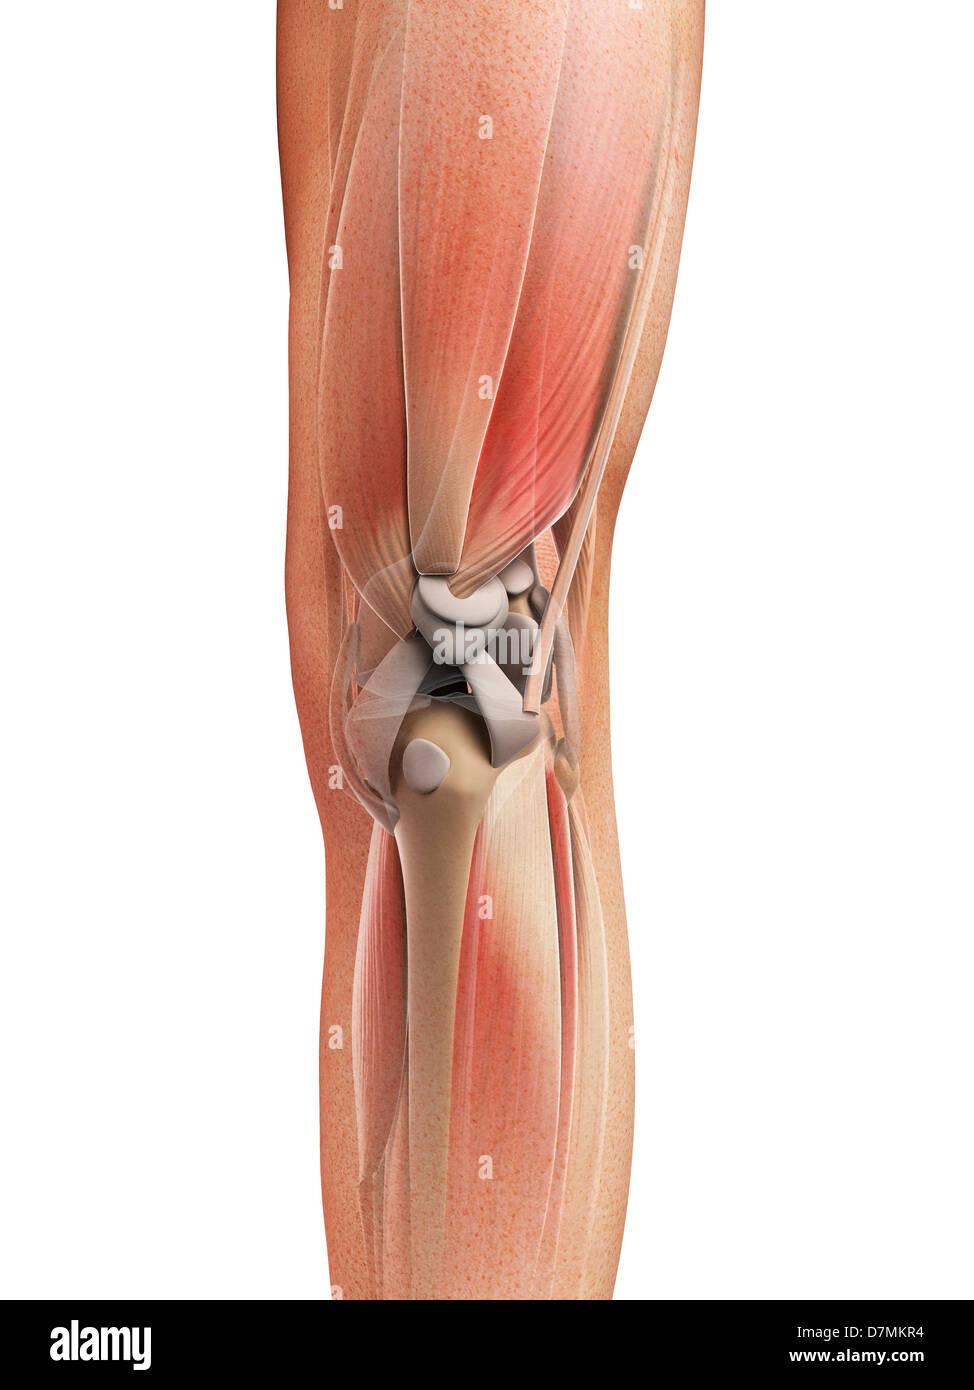 Bein Anatomie, artwork Stockfoto, Bild: 56388280 - Alamy